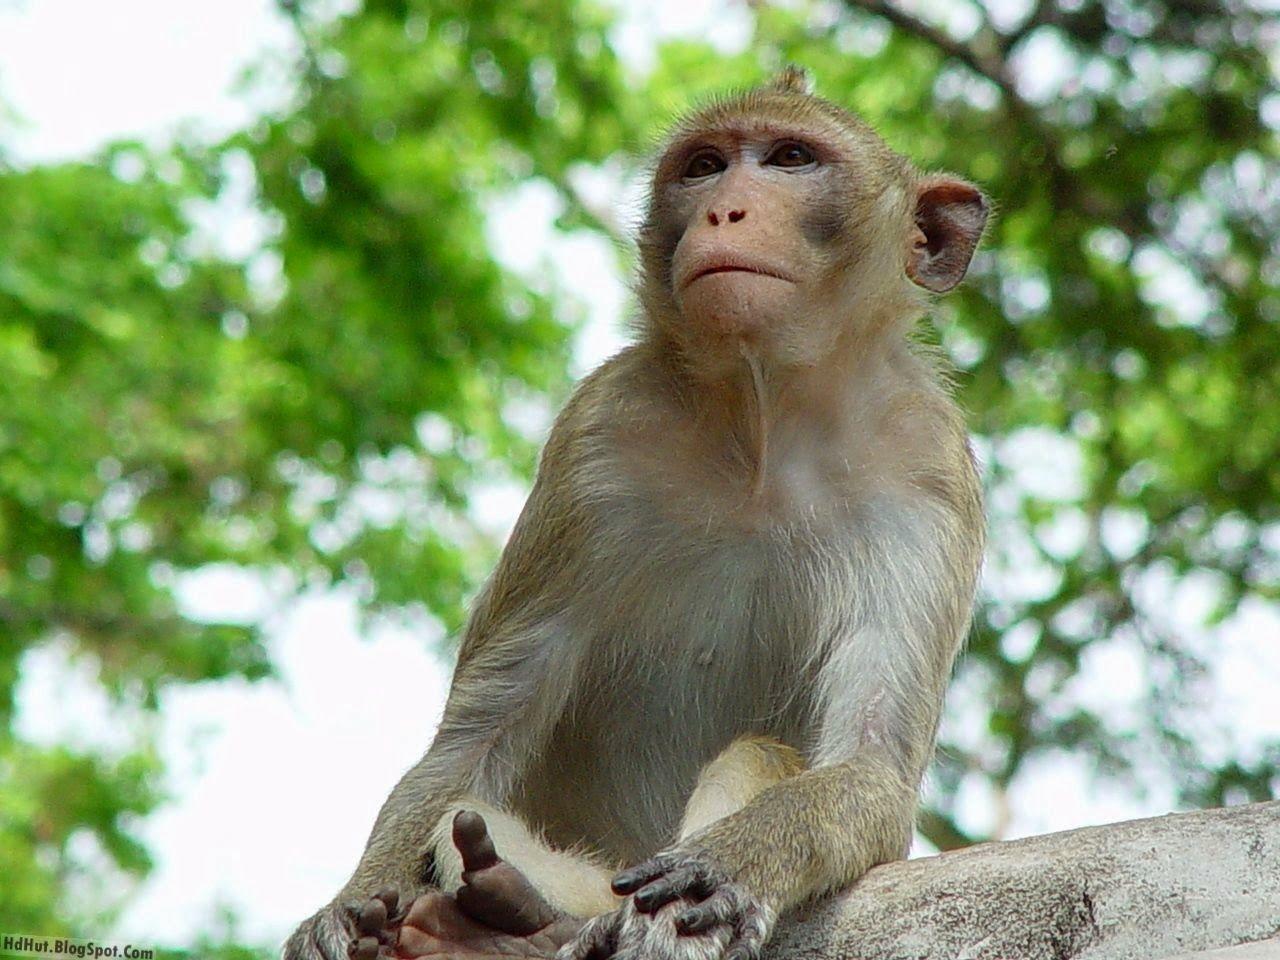 Cute Sweet Hippie Monkey IPhone Plus Wallpaper